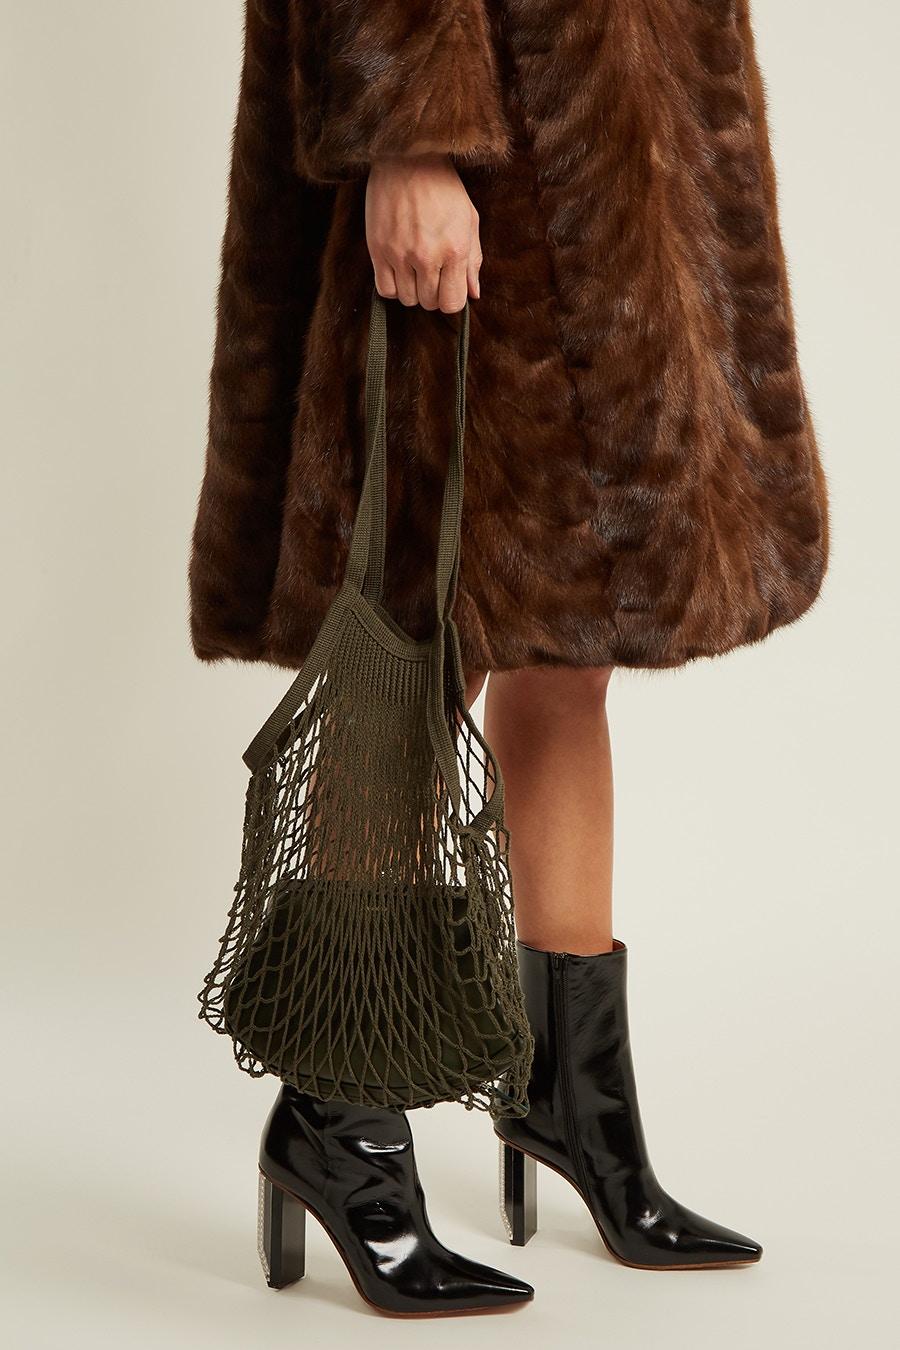 Vetements mixe votre sac de course à votre sac à main avec le Granny Bag